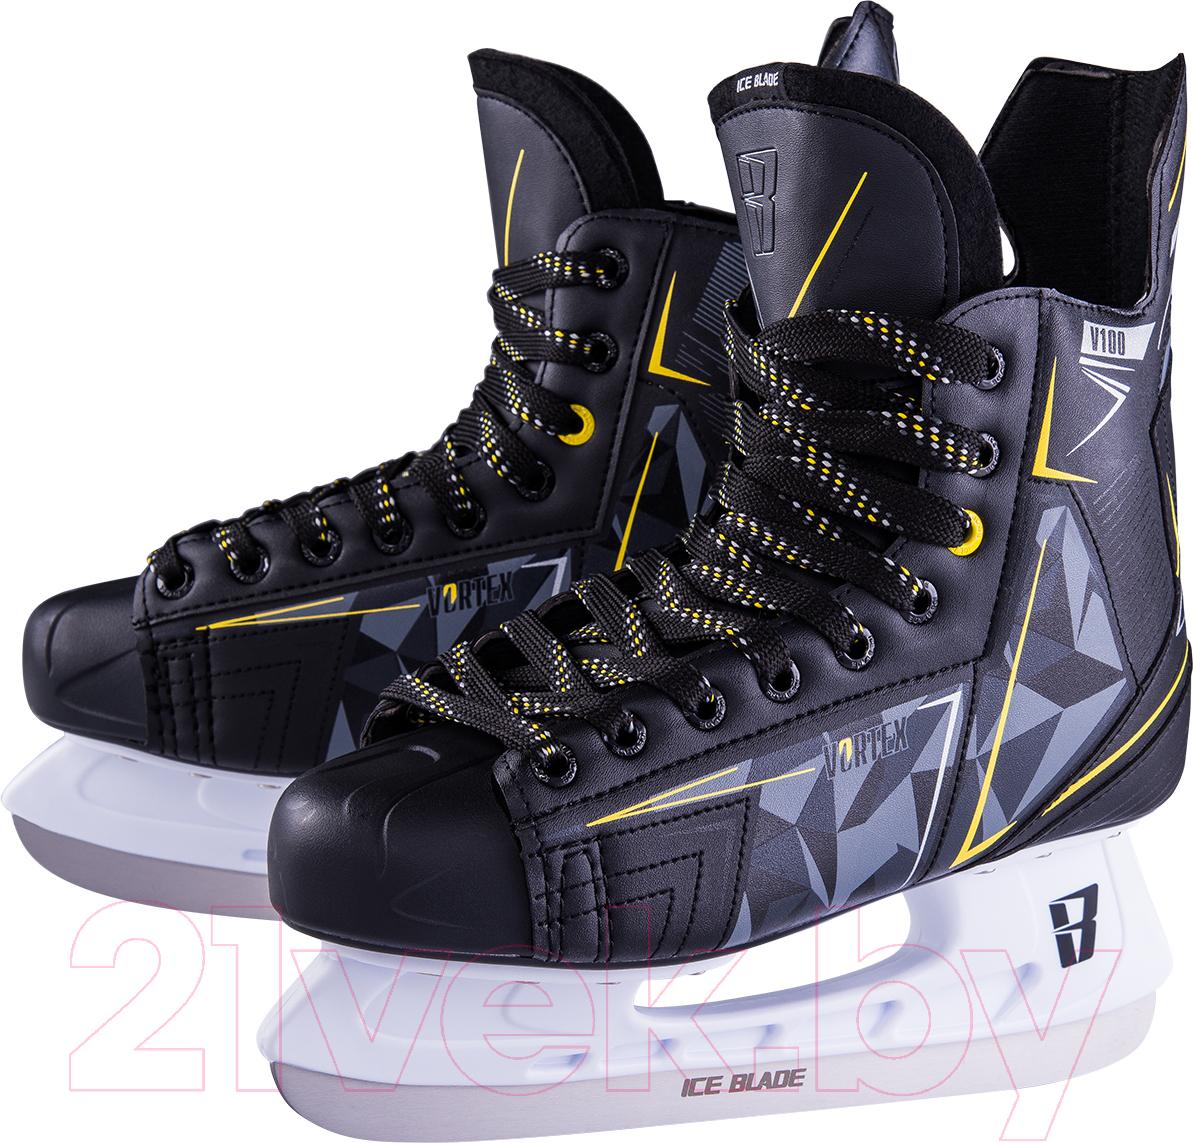 Купить Коньки хоккейные Ice Blade, Vortex V100 (р-р 38), Россия, черный, пластик